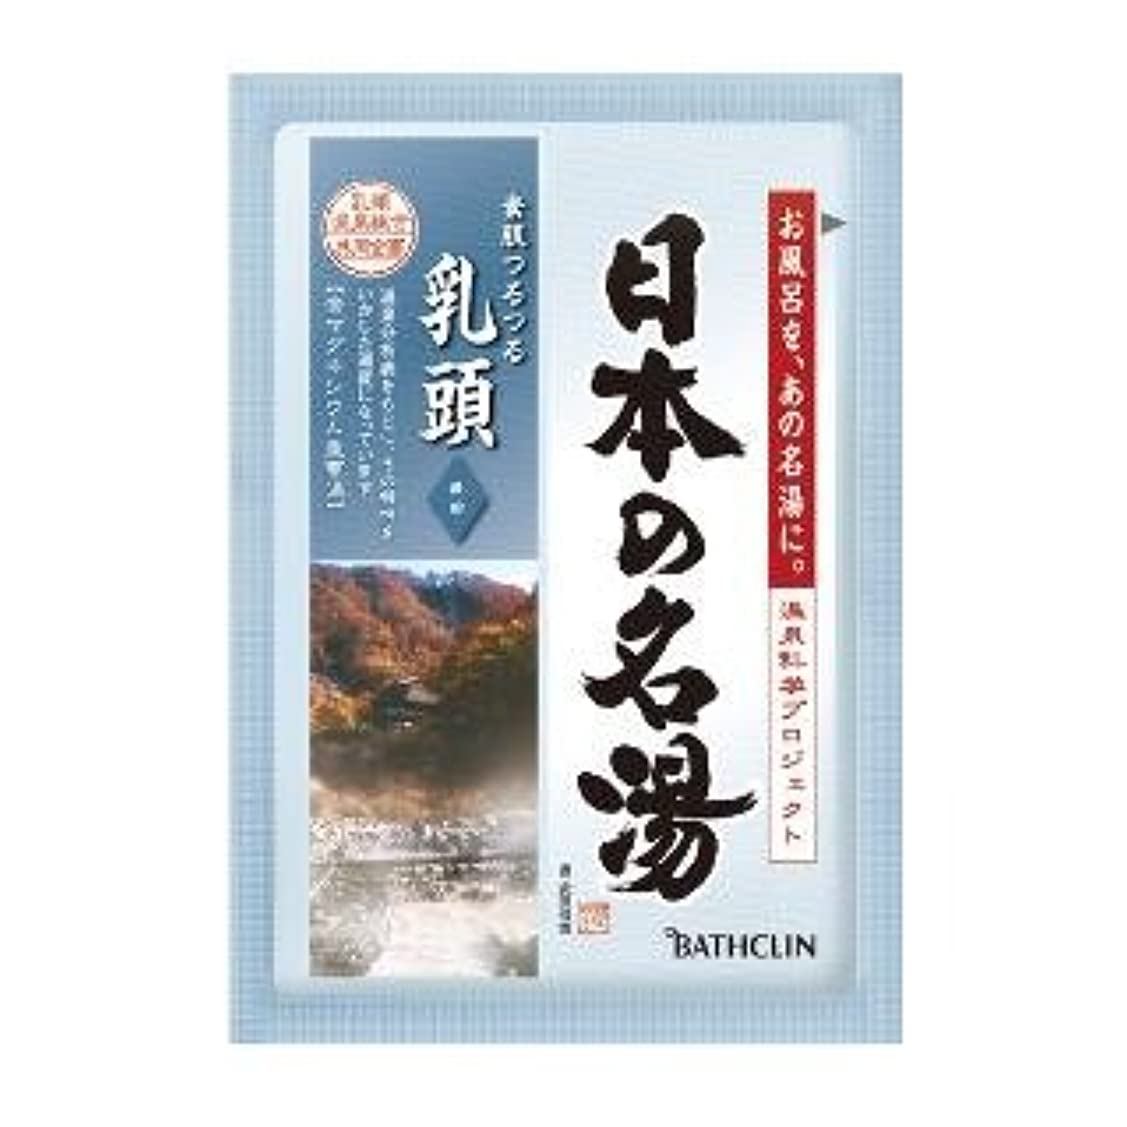 マーチャンダイジング送ったグリーンランドバスクリン 日本の名湯 乳頭 1包×120点セット (4548514134997)